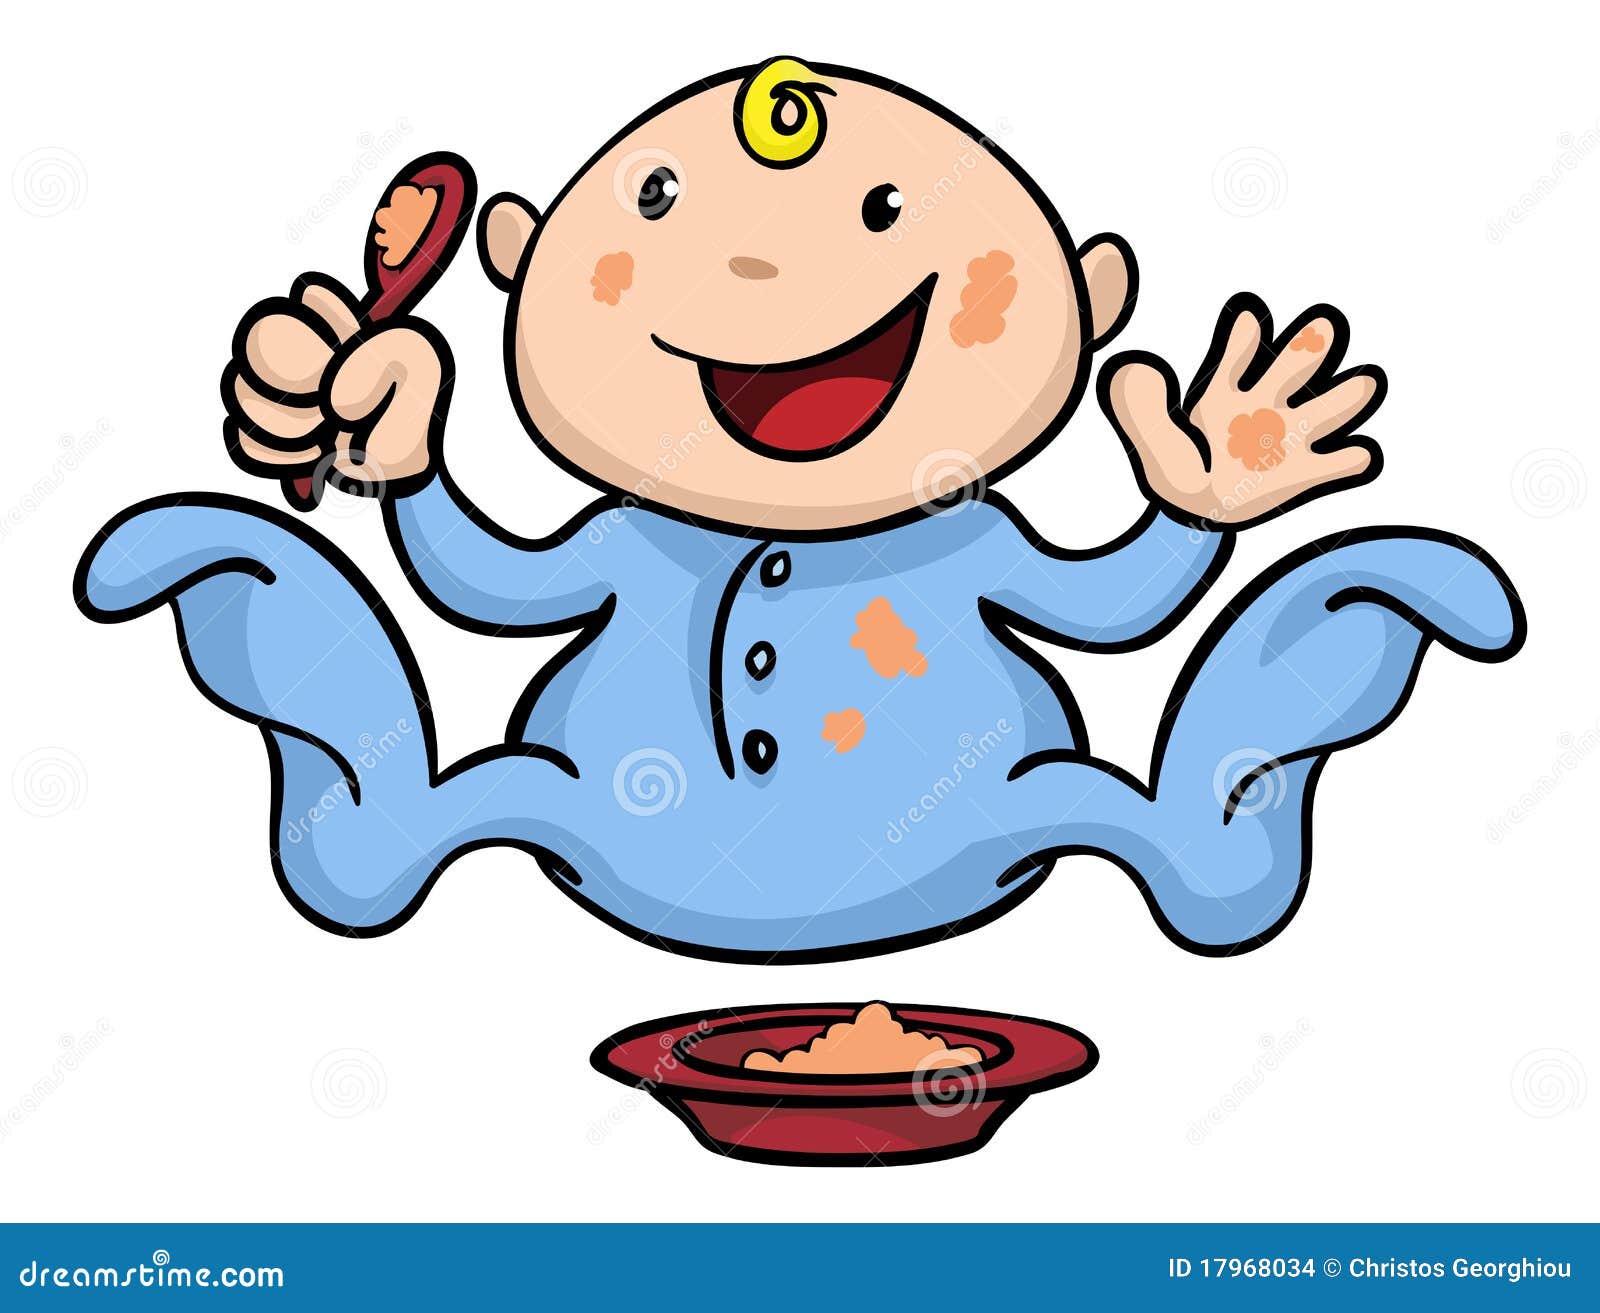 De illustratie van Clipart van het gelukkige leuke baby het spenen ...